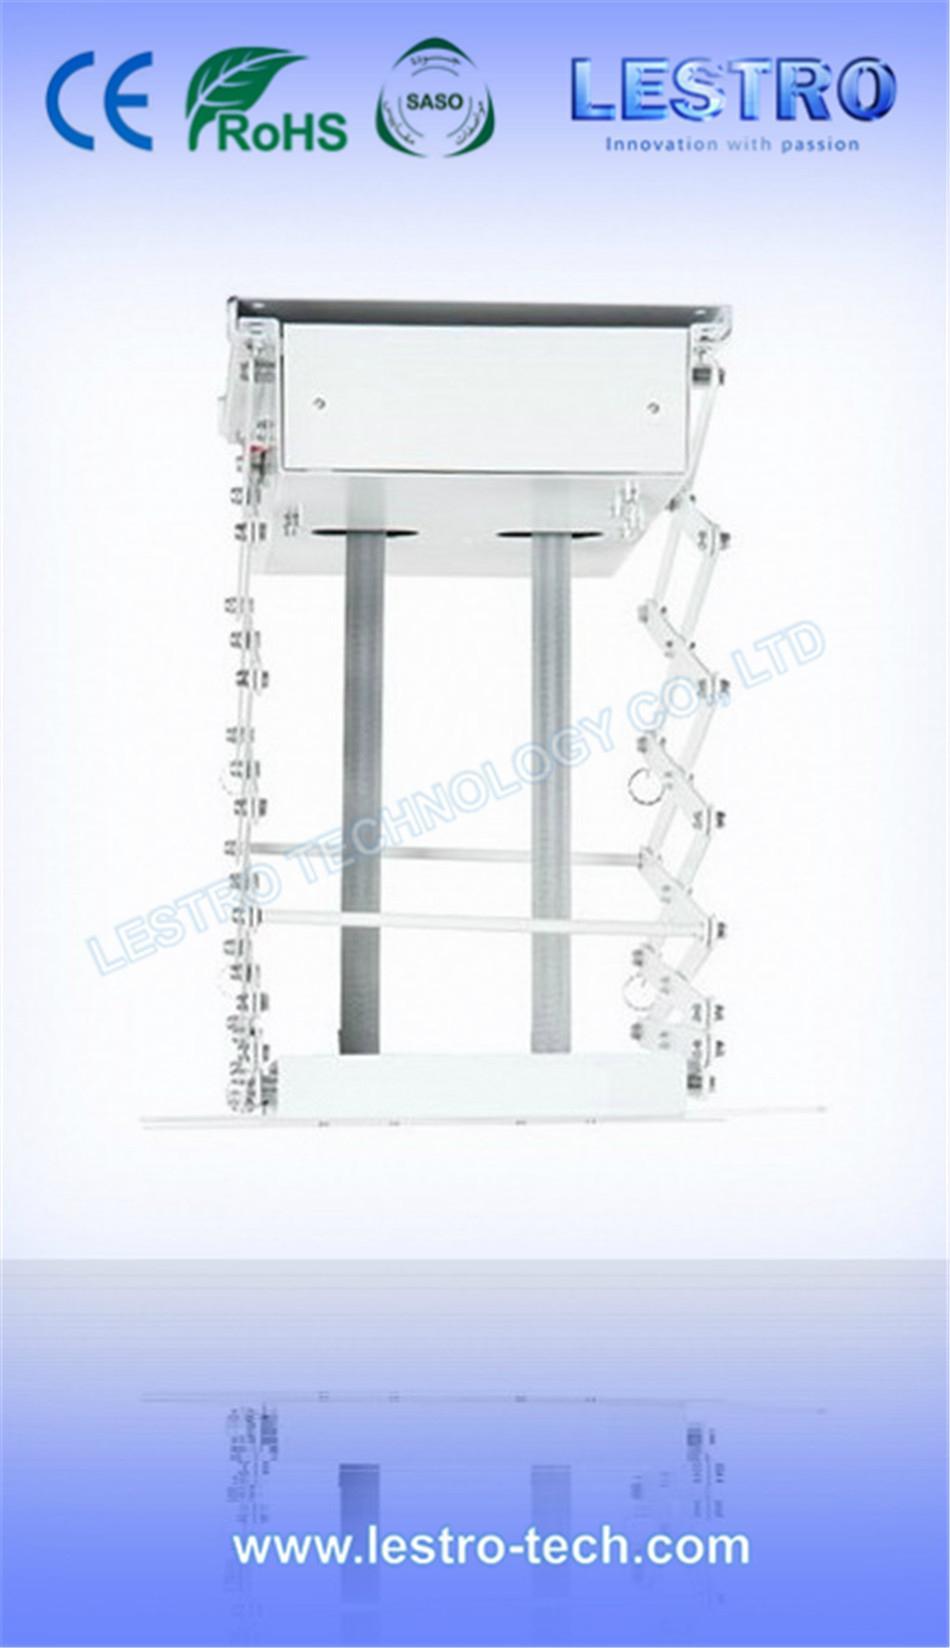 原廠直供  投影機弔架 投影機電動弔架MINI系列  CE和ROHS認証  3